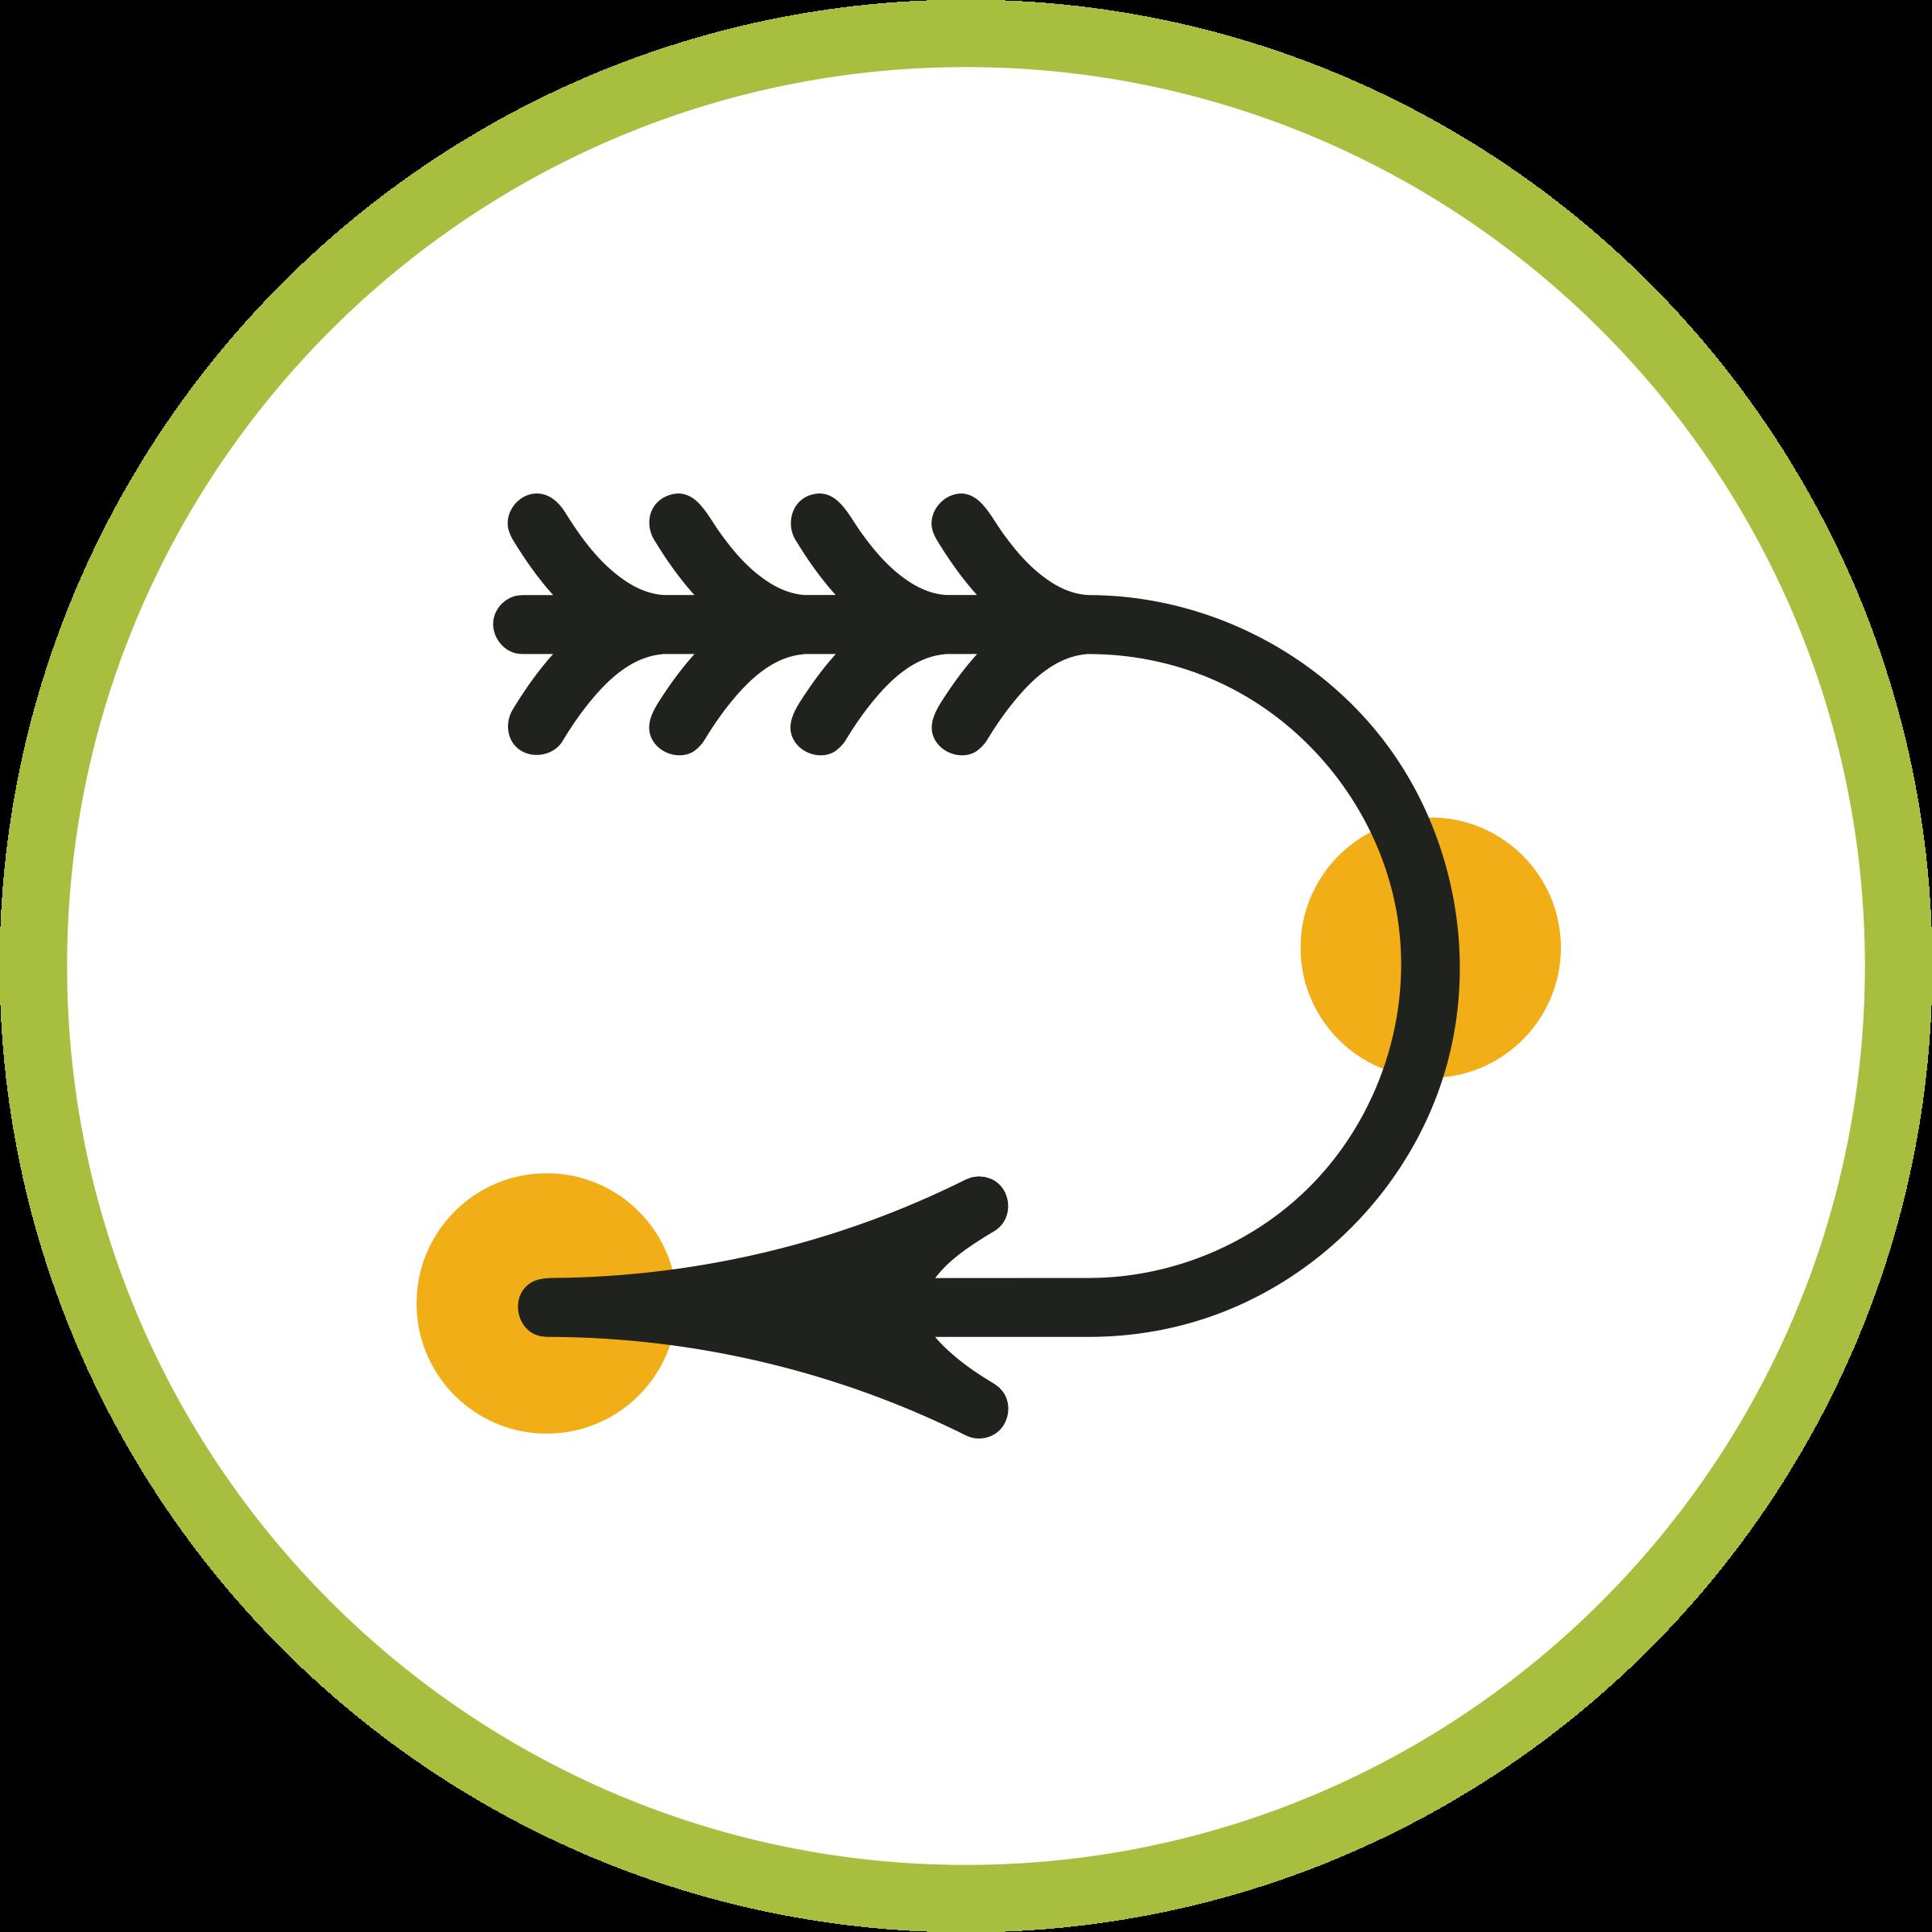 icon-arrow-C